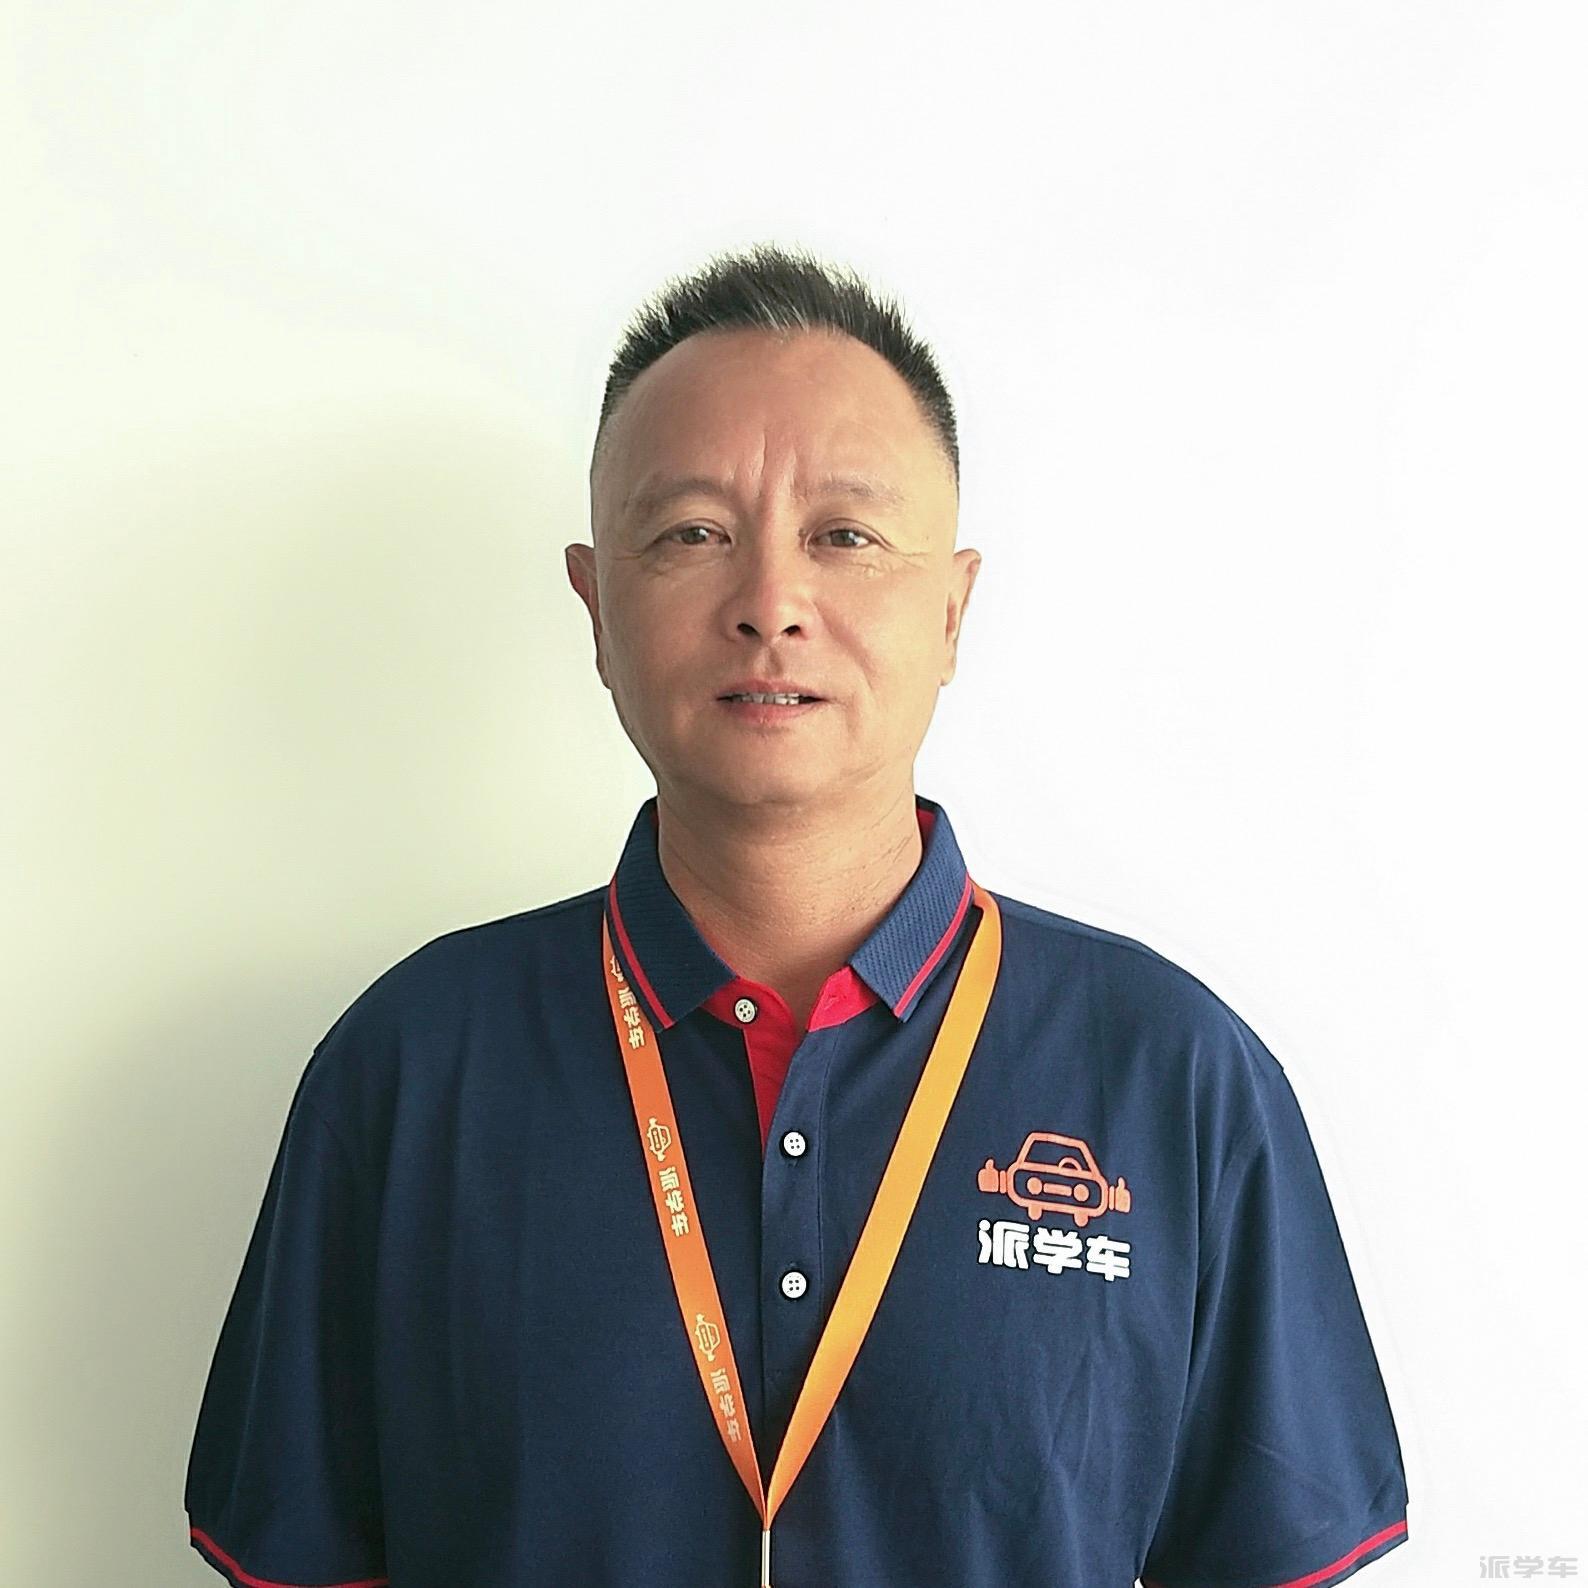 教练张政义